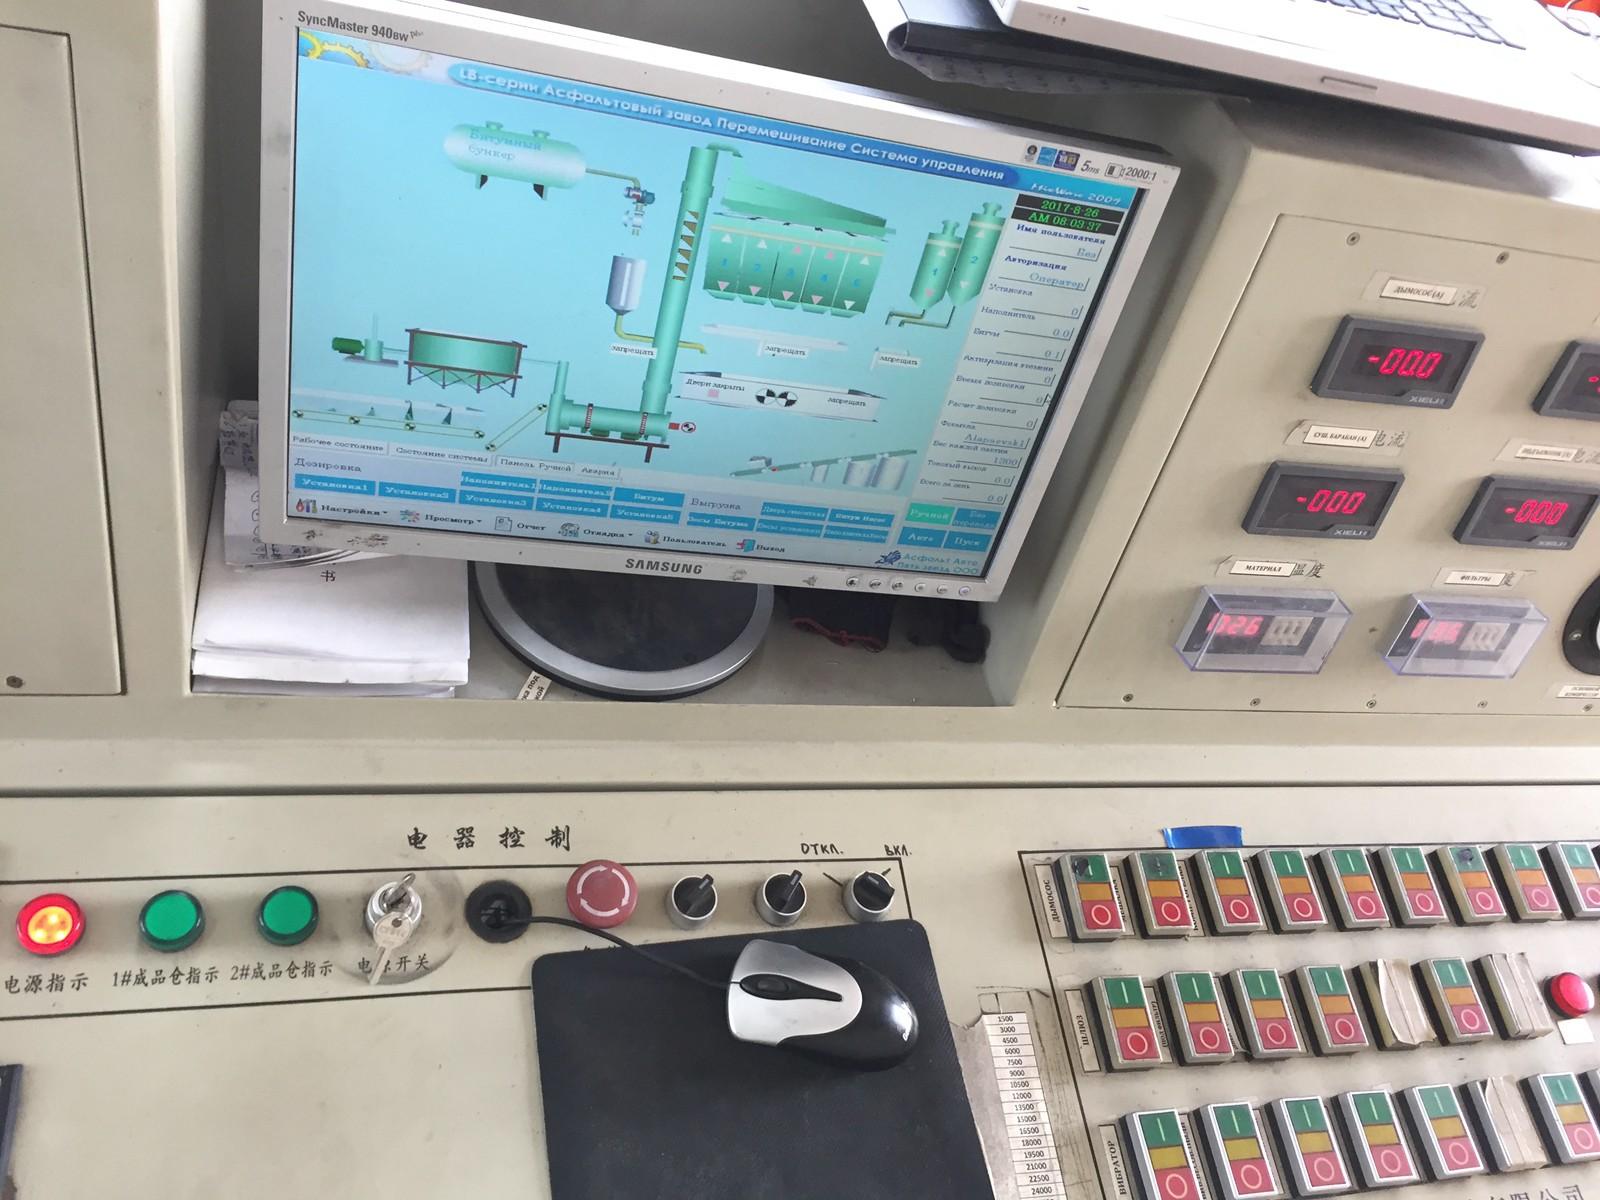 操作台上面很多复杂的按钮